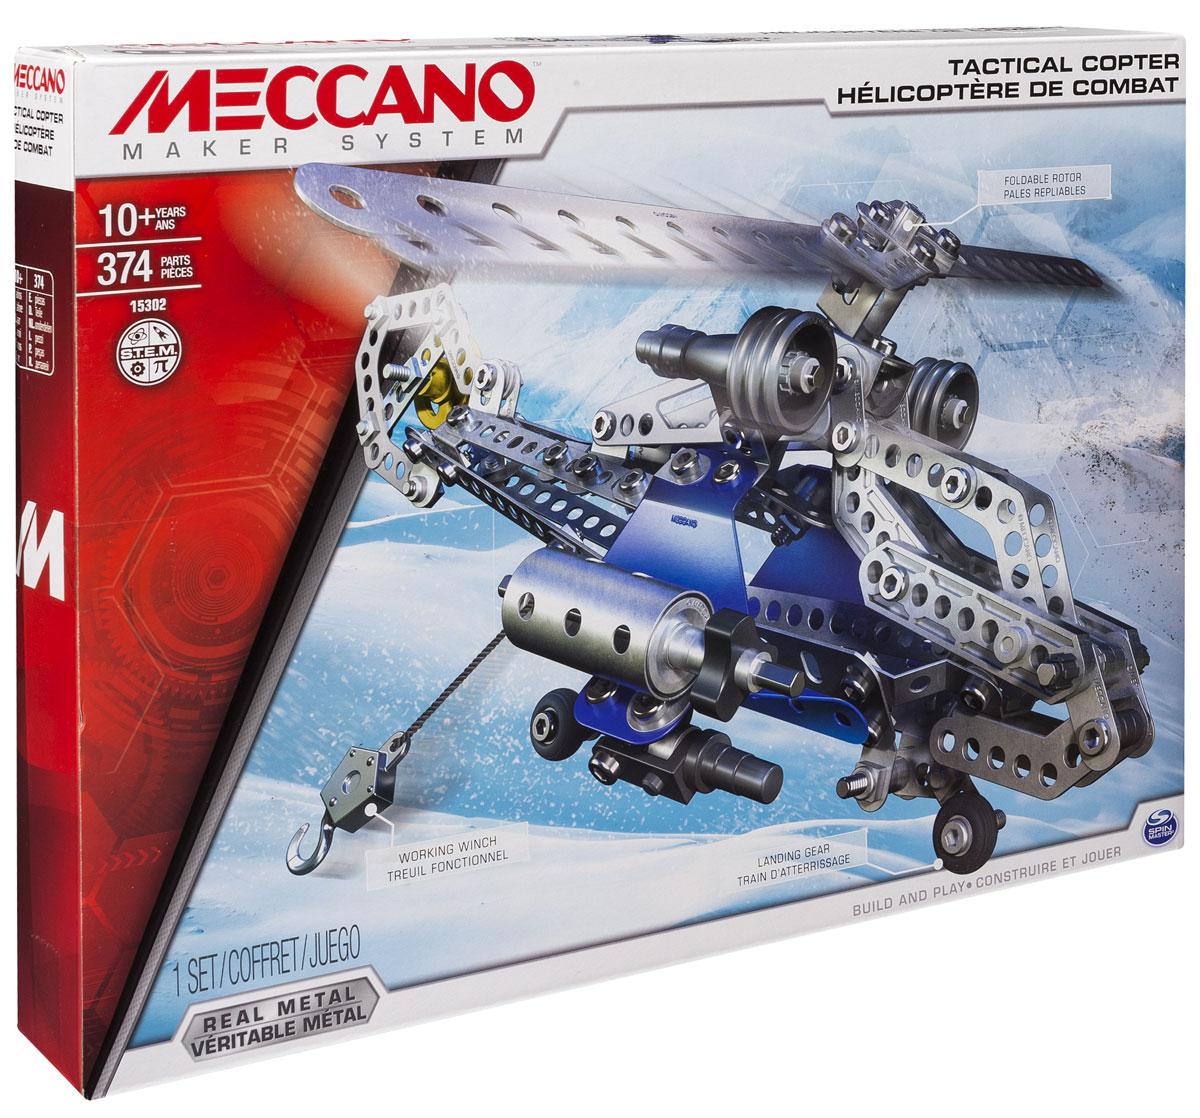 Meccano Конструктор Боевой вертолет 2 в 191733Конструктор Meccano Боевой вертолет позволит вашему ребенку весело и с пользой провести время. Набор включает в себя 374 детали из металла, пластика и резины, с помощью которых можно собрать вертолет и самолет. Вертолет имеет выдвижное посадочное шасси, вращающийся винт, настоящую лебедку. В набор также входят все необходимые для сборки инструменты и инструкция. Конструктор Meccano Боевой вертолет поможет ребенку развить мелкую моторику рук, координацию движений и усидчивость.